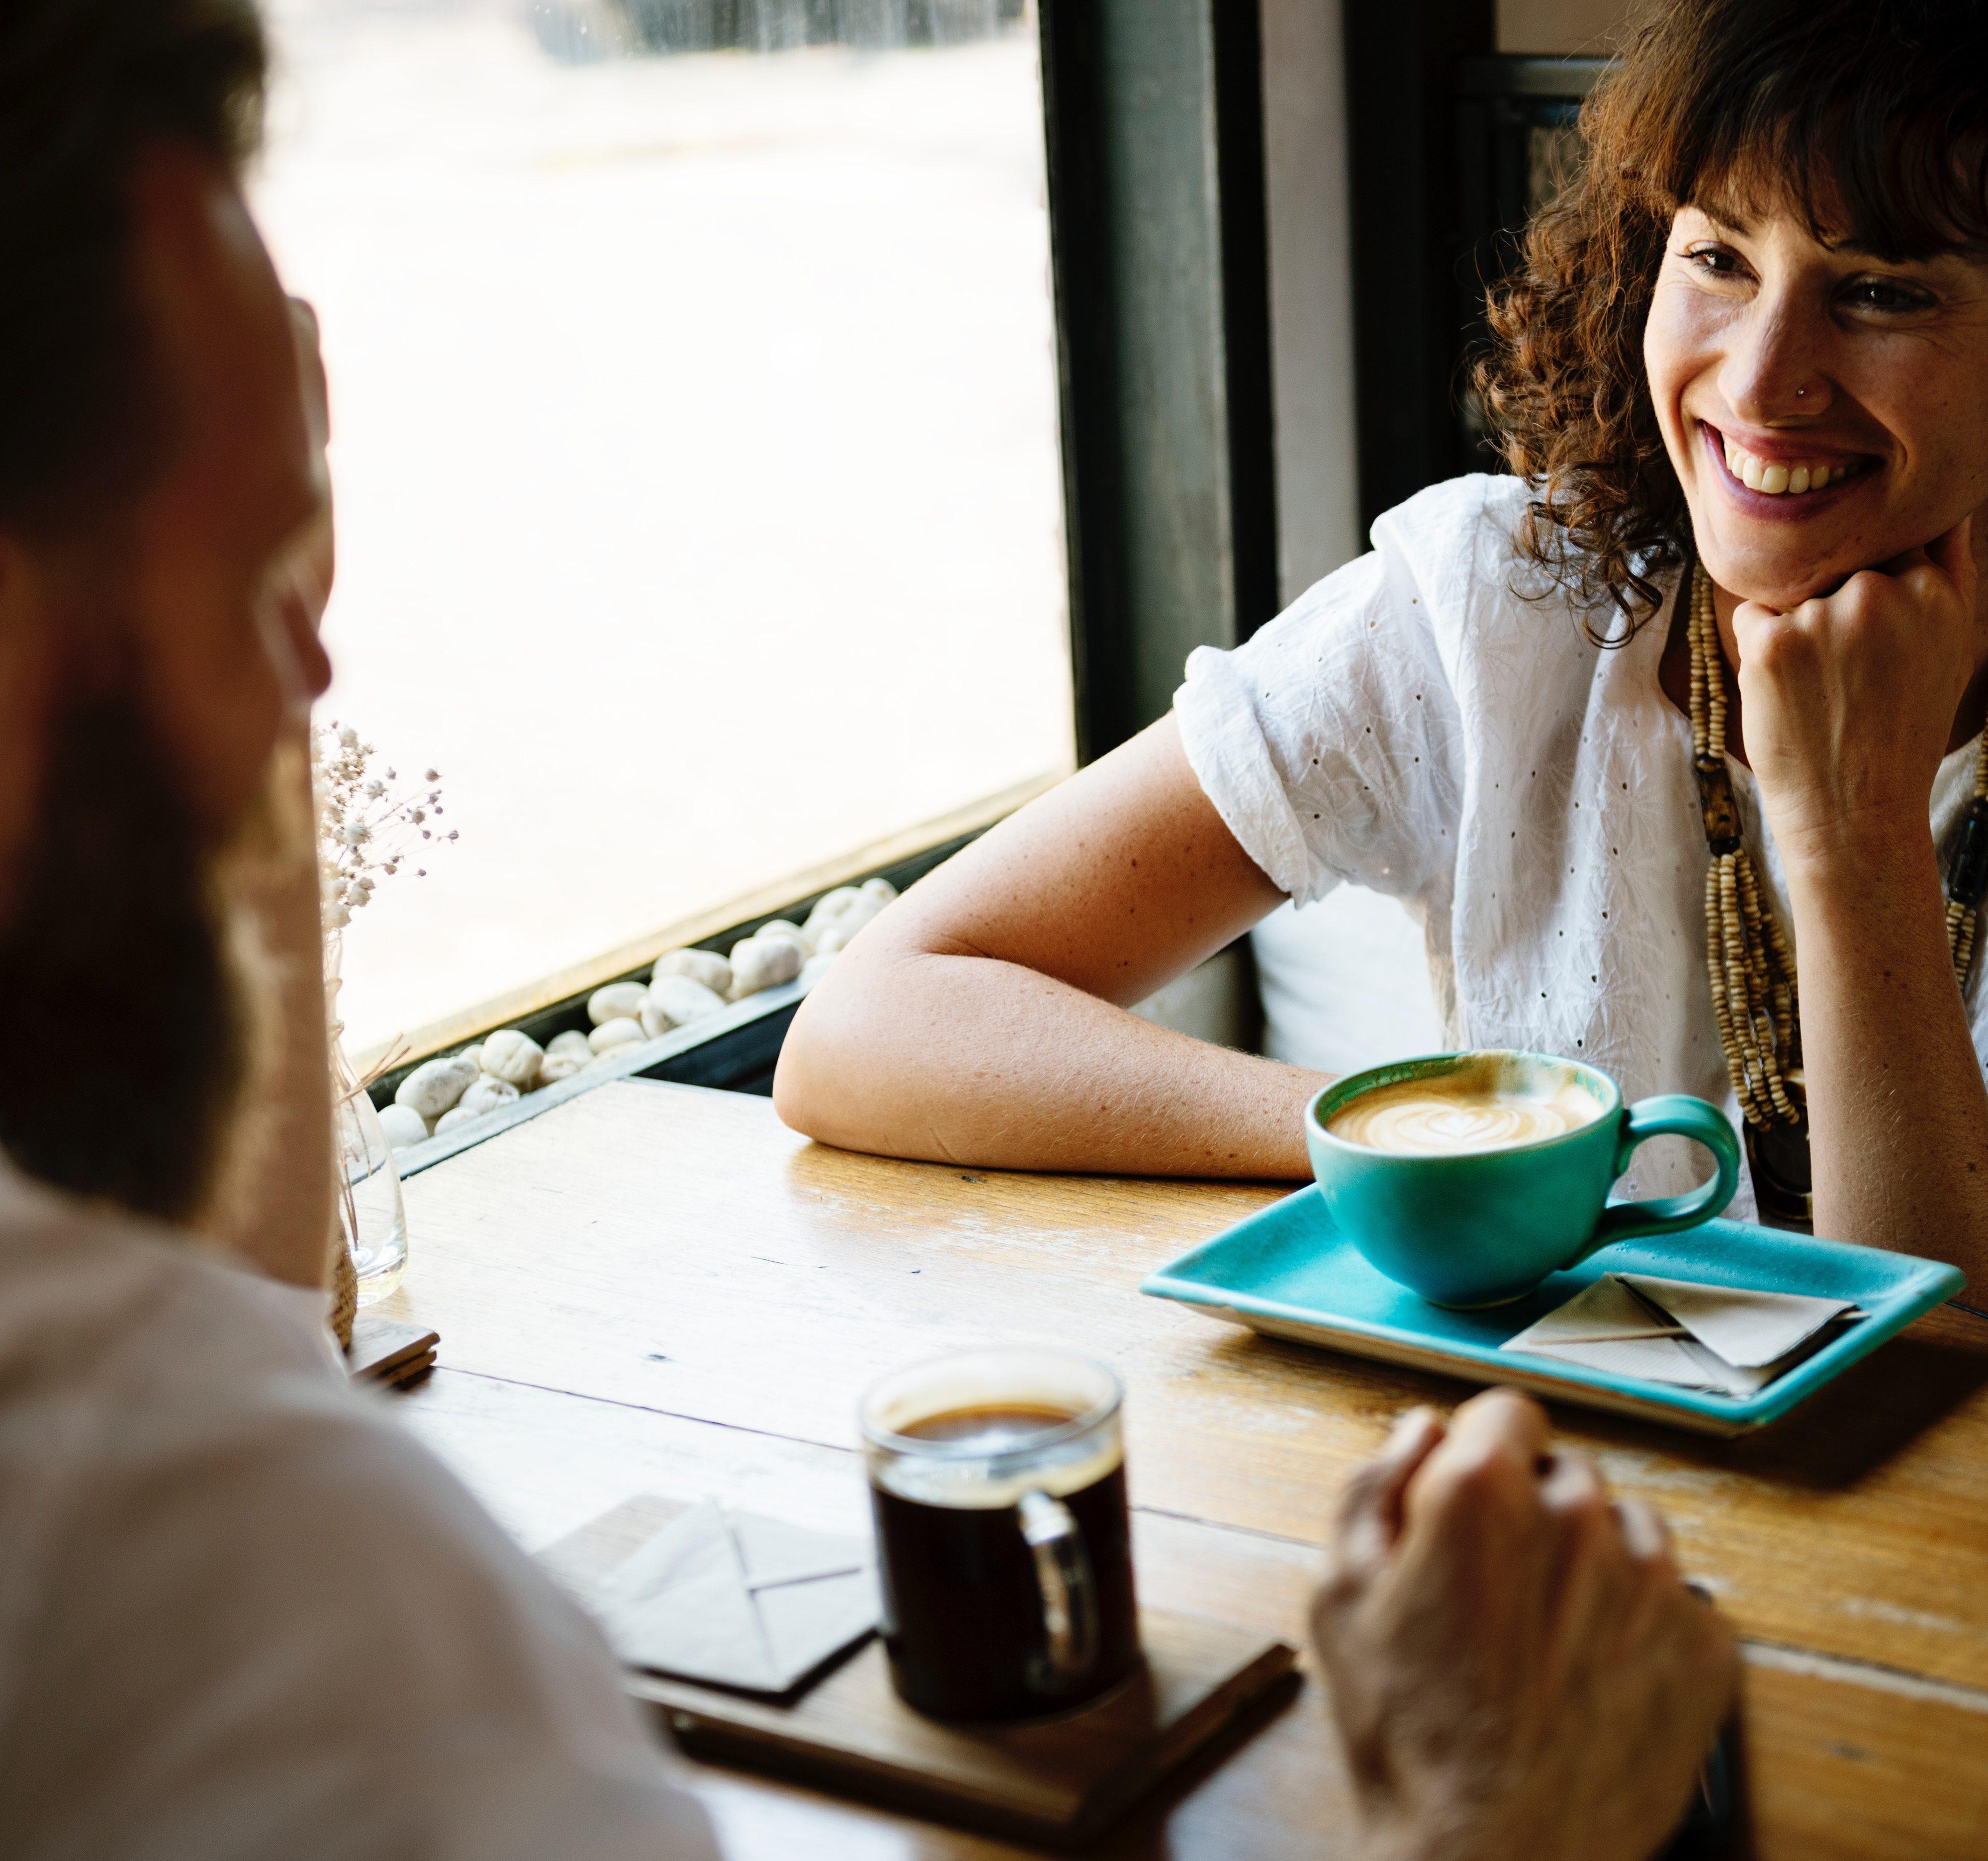 Tự học giao tiếp tiếng Thụy Điển CĂN BẢN HẰNG NGÀY, GIAO TIẾP NGÀNH NAIL, nhà hàng,...